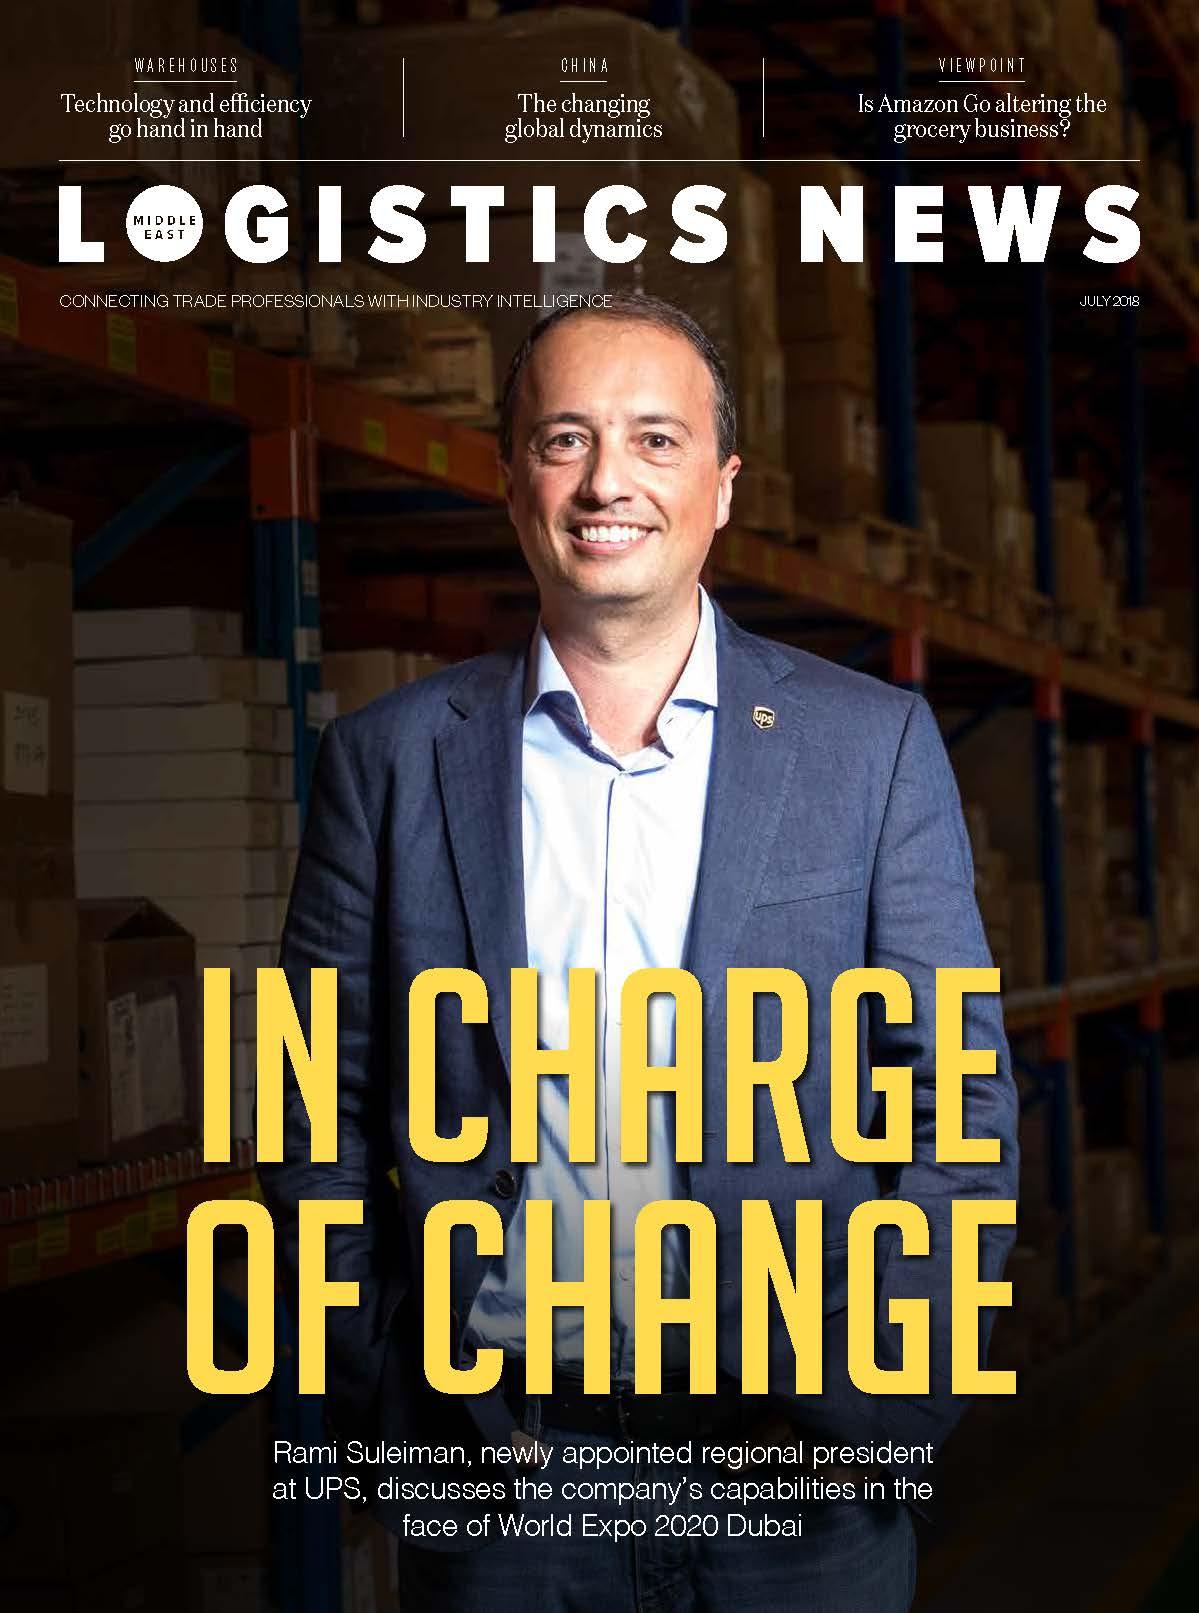 http://www.cbnme.com/magazines/logistics-news-me-july-2018/